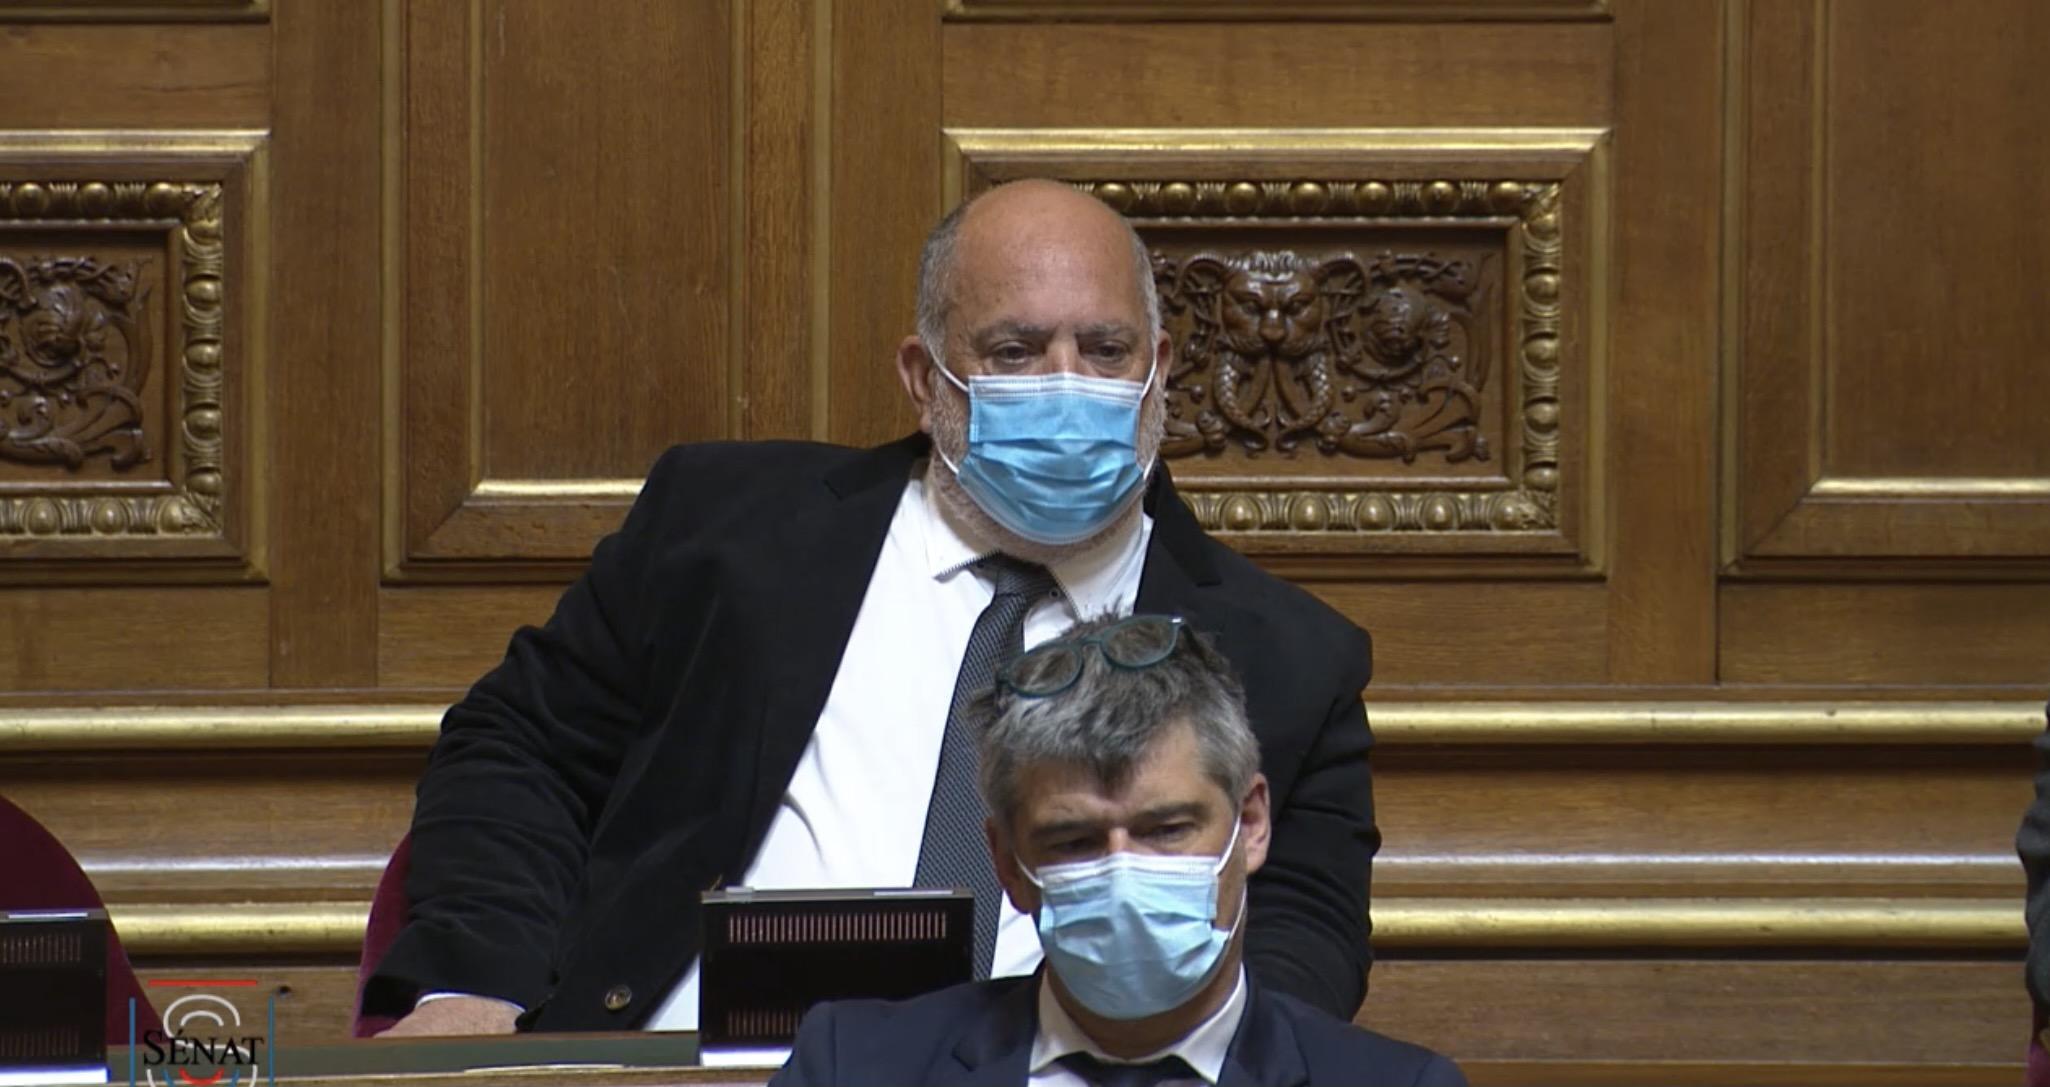 Paulu Santu Parigi, Sénateur de Haute-Corse, membre du groupe parlementaire Ecologiste - Solidarité et Territoires.